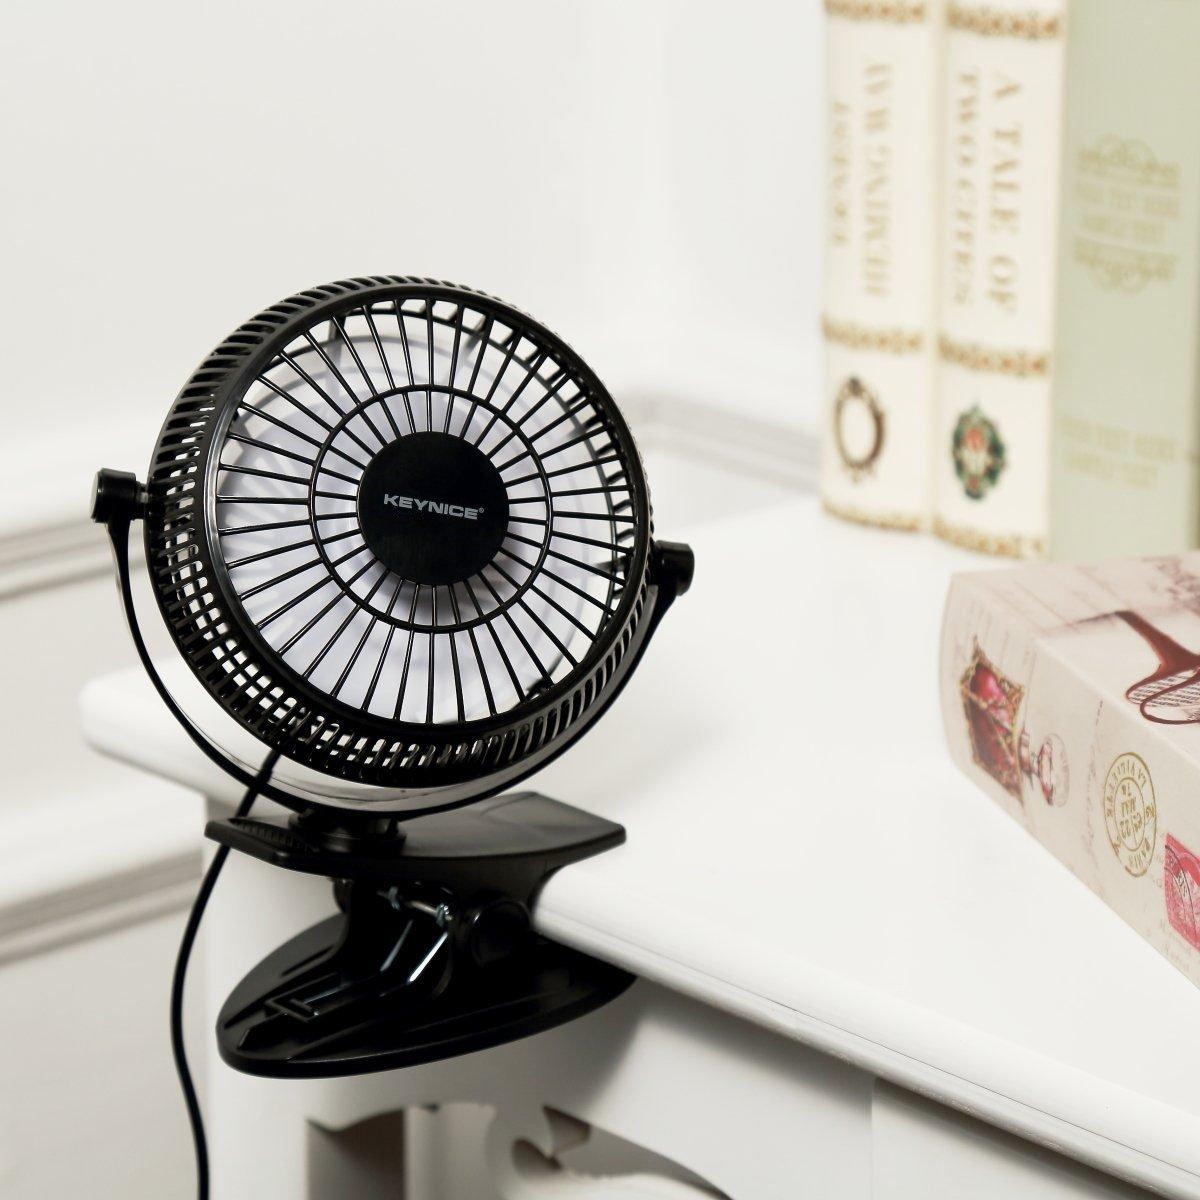 KEYNICE USB Clip Desk Personal Fan, Table Fans,Clip on Fan,2 in 1 Applications, Strong Wind, 2 in 1 Applications, Strong Wind, 4 inch 2 Speed Portable Cooling Fan USB Powered by Netbook, PC by KEYNICE (Image #4)